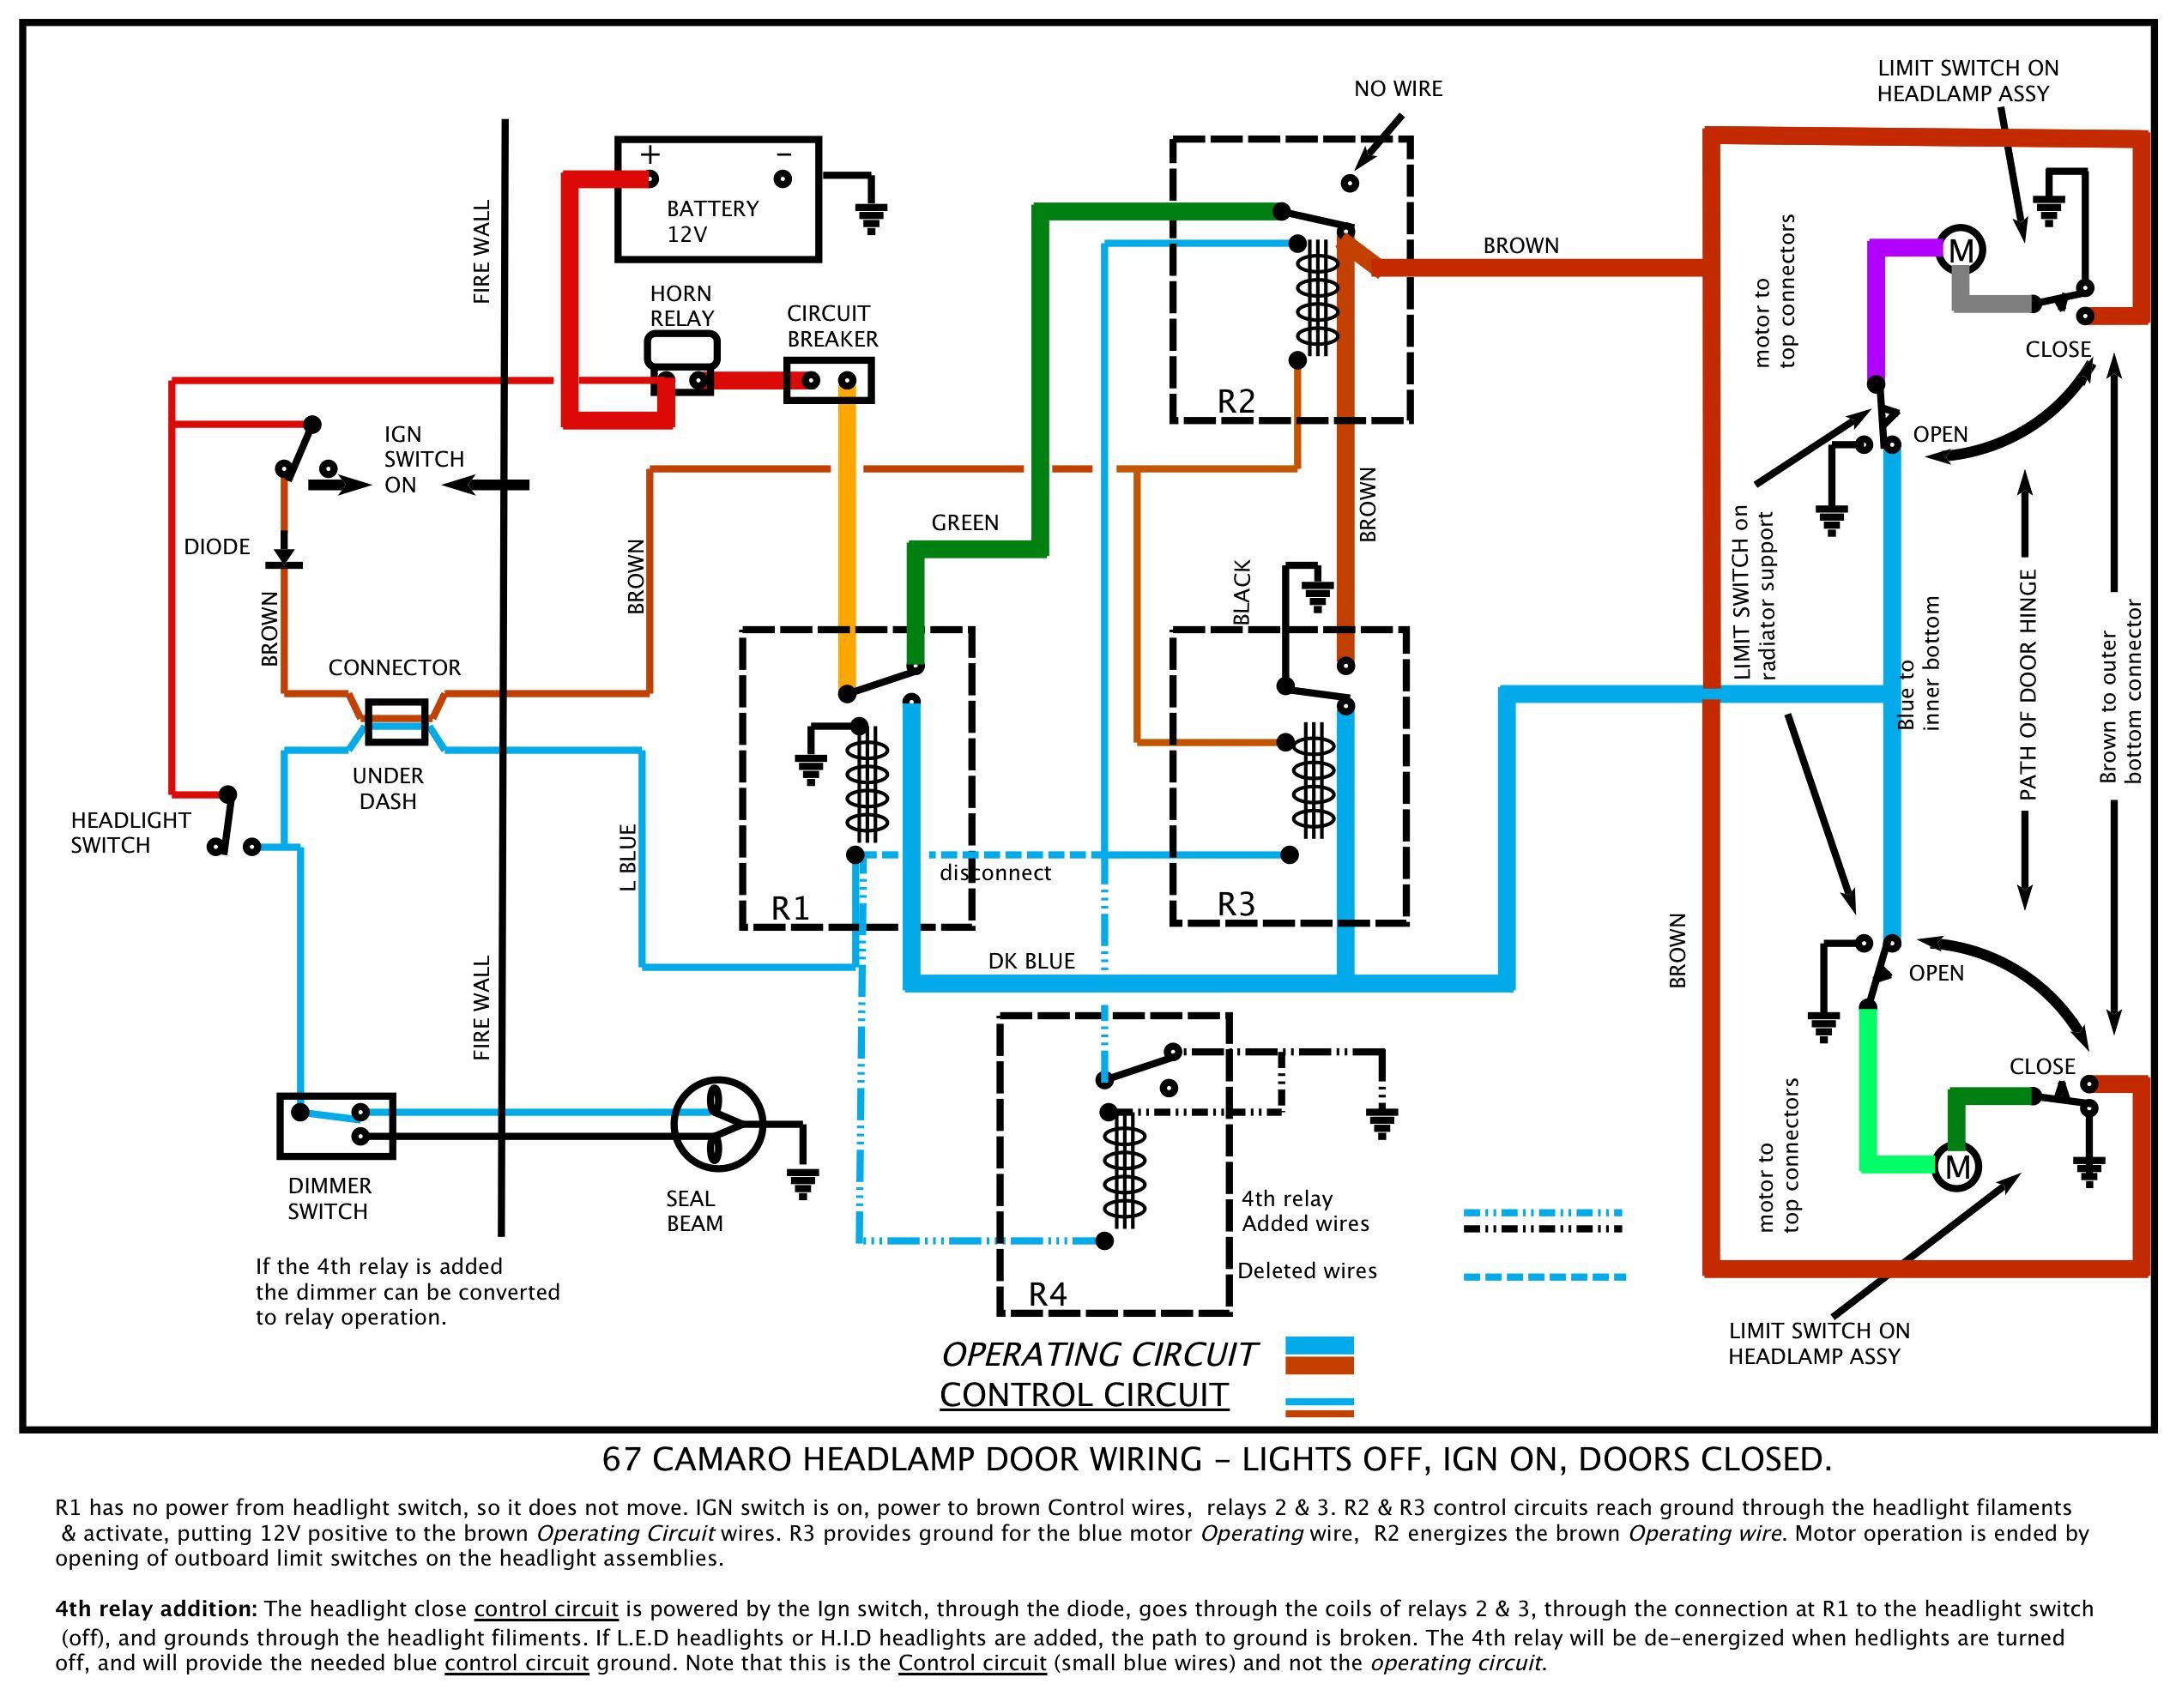 H4 Wiring Upgrade Diagram 67 Camaro | Wiring Diagram - H4 Wiring Diagram